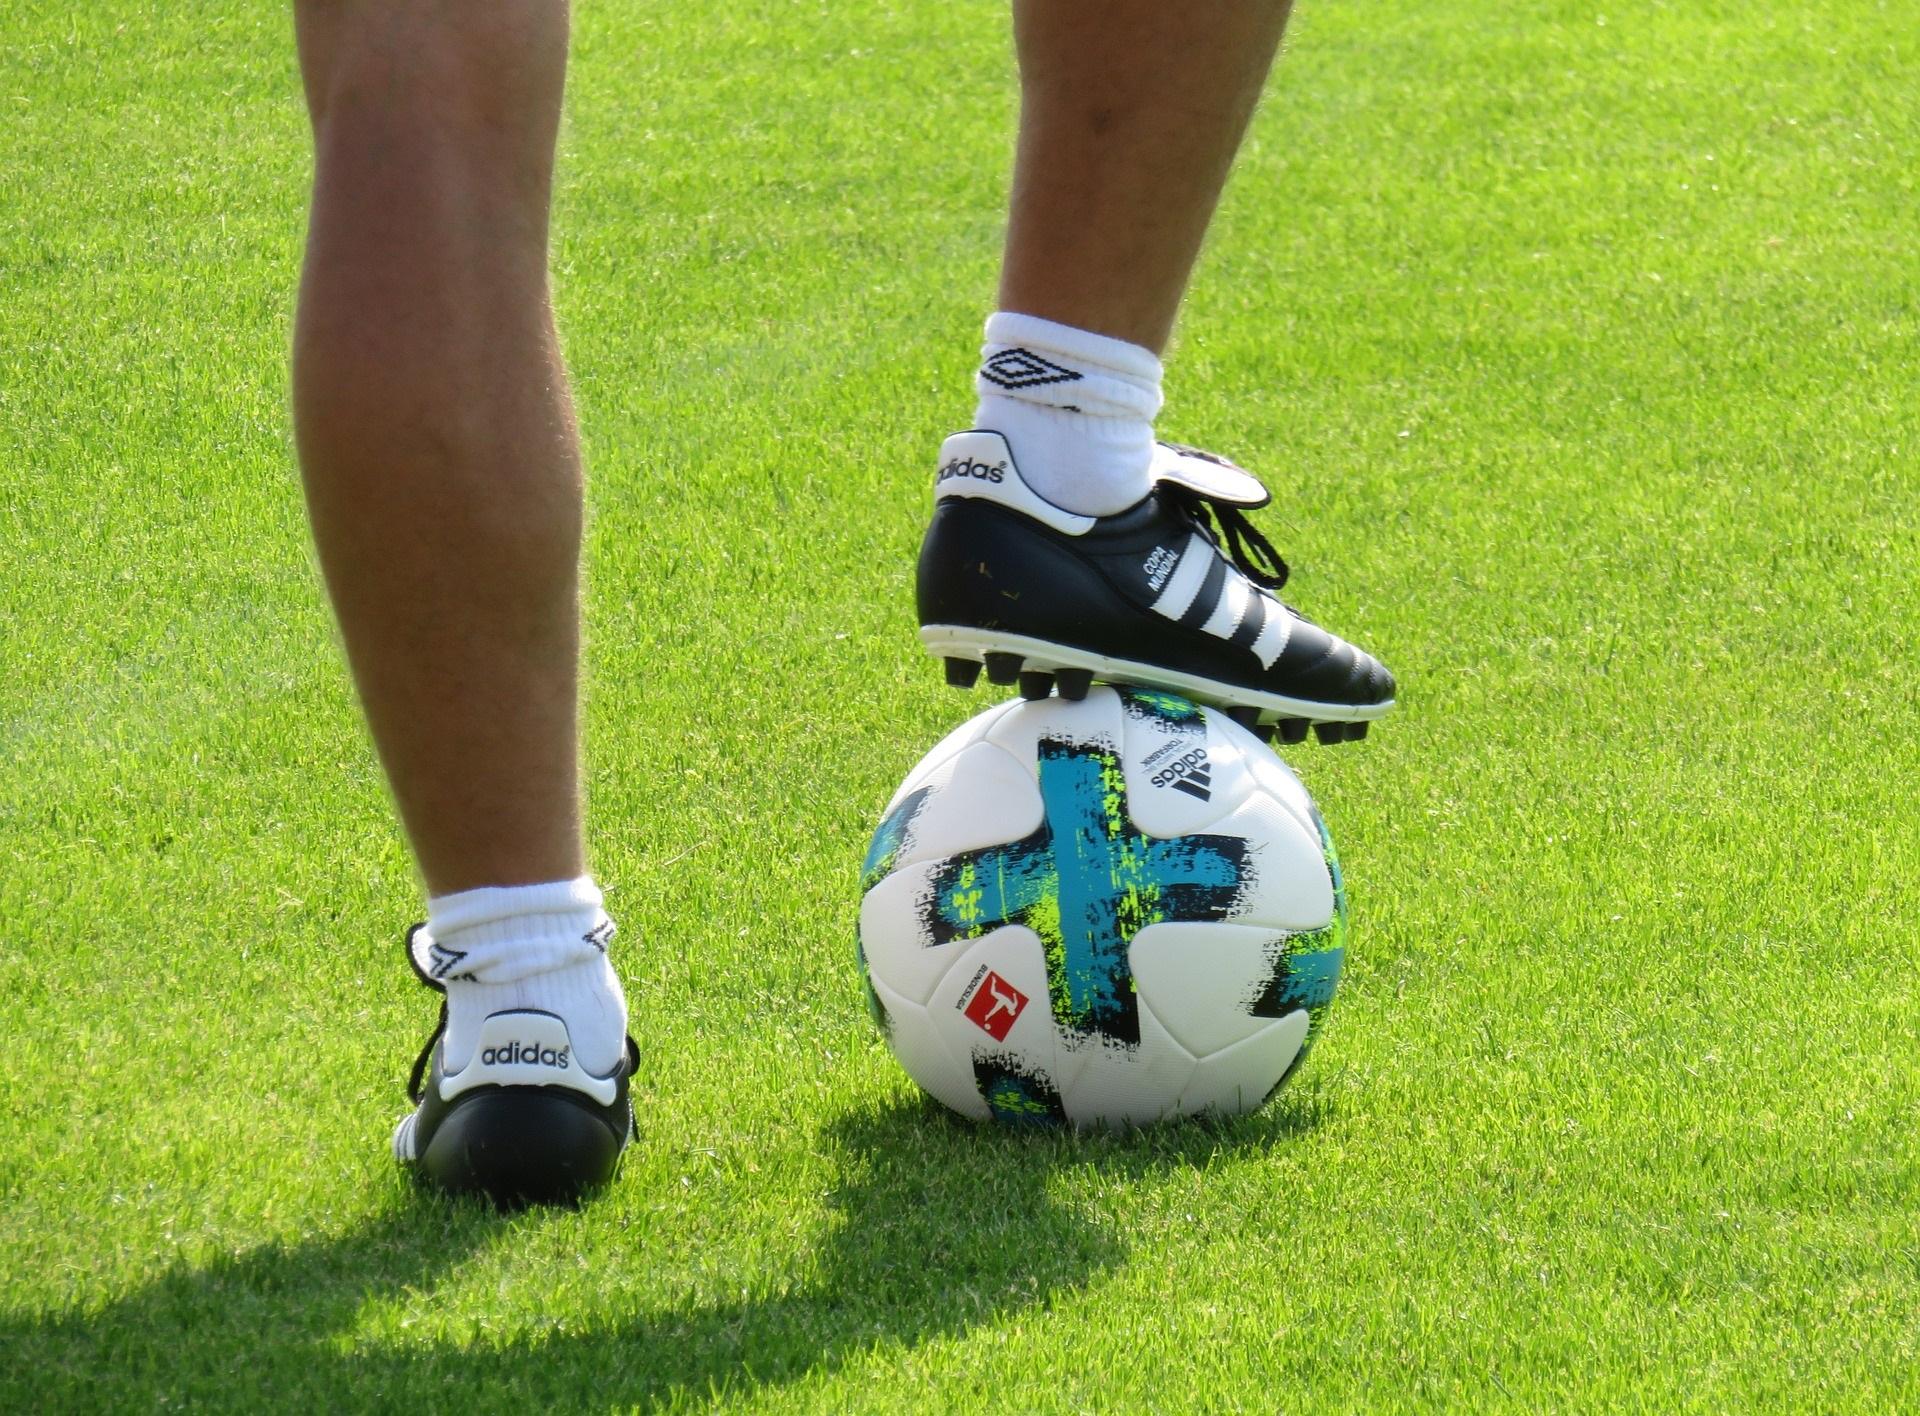 AfD-Antrag: Regional-Fußballvereine statt Profivereine unterstützen